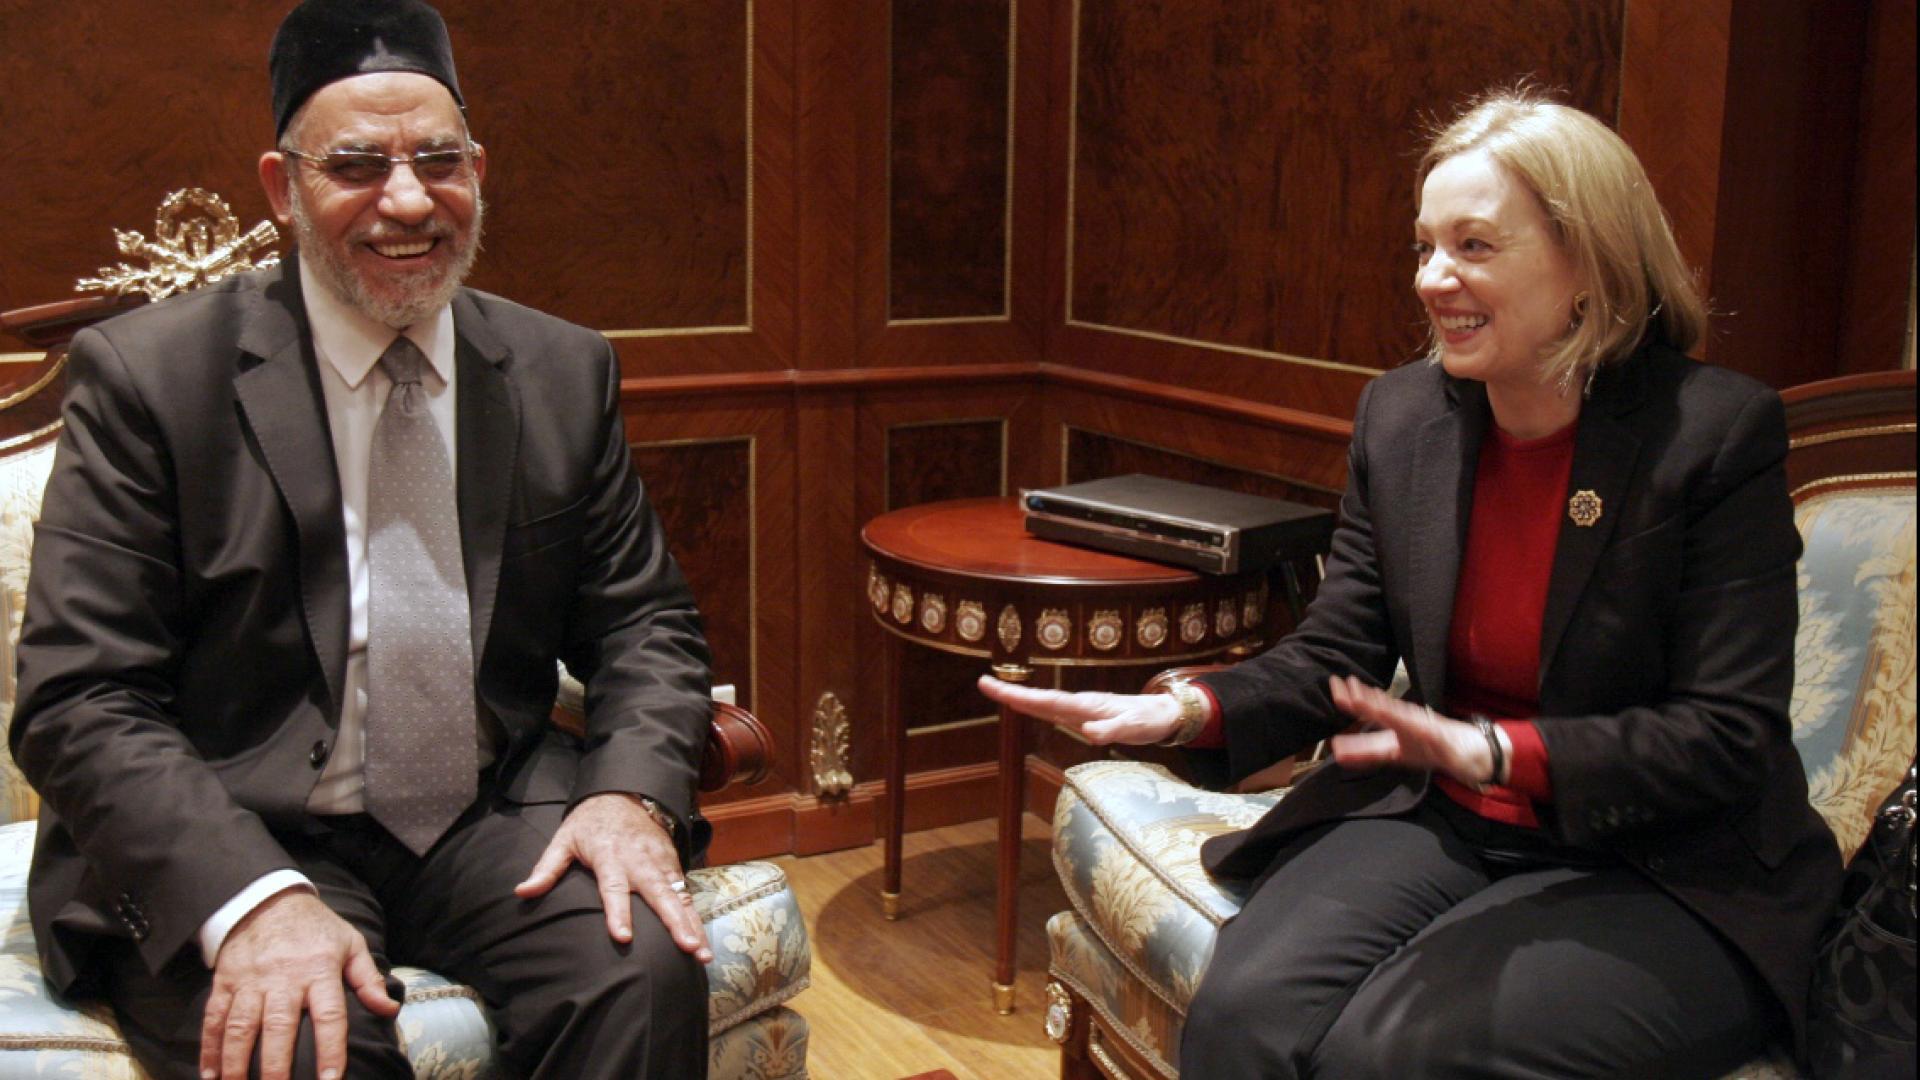 السفيرة الأمريكية السابقة لمصر: إذا تخلص أي أحد من السيسي فسيكون الجيش.. ومرسي كان متعجرفا